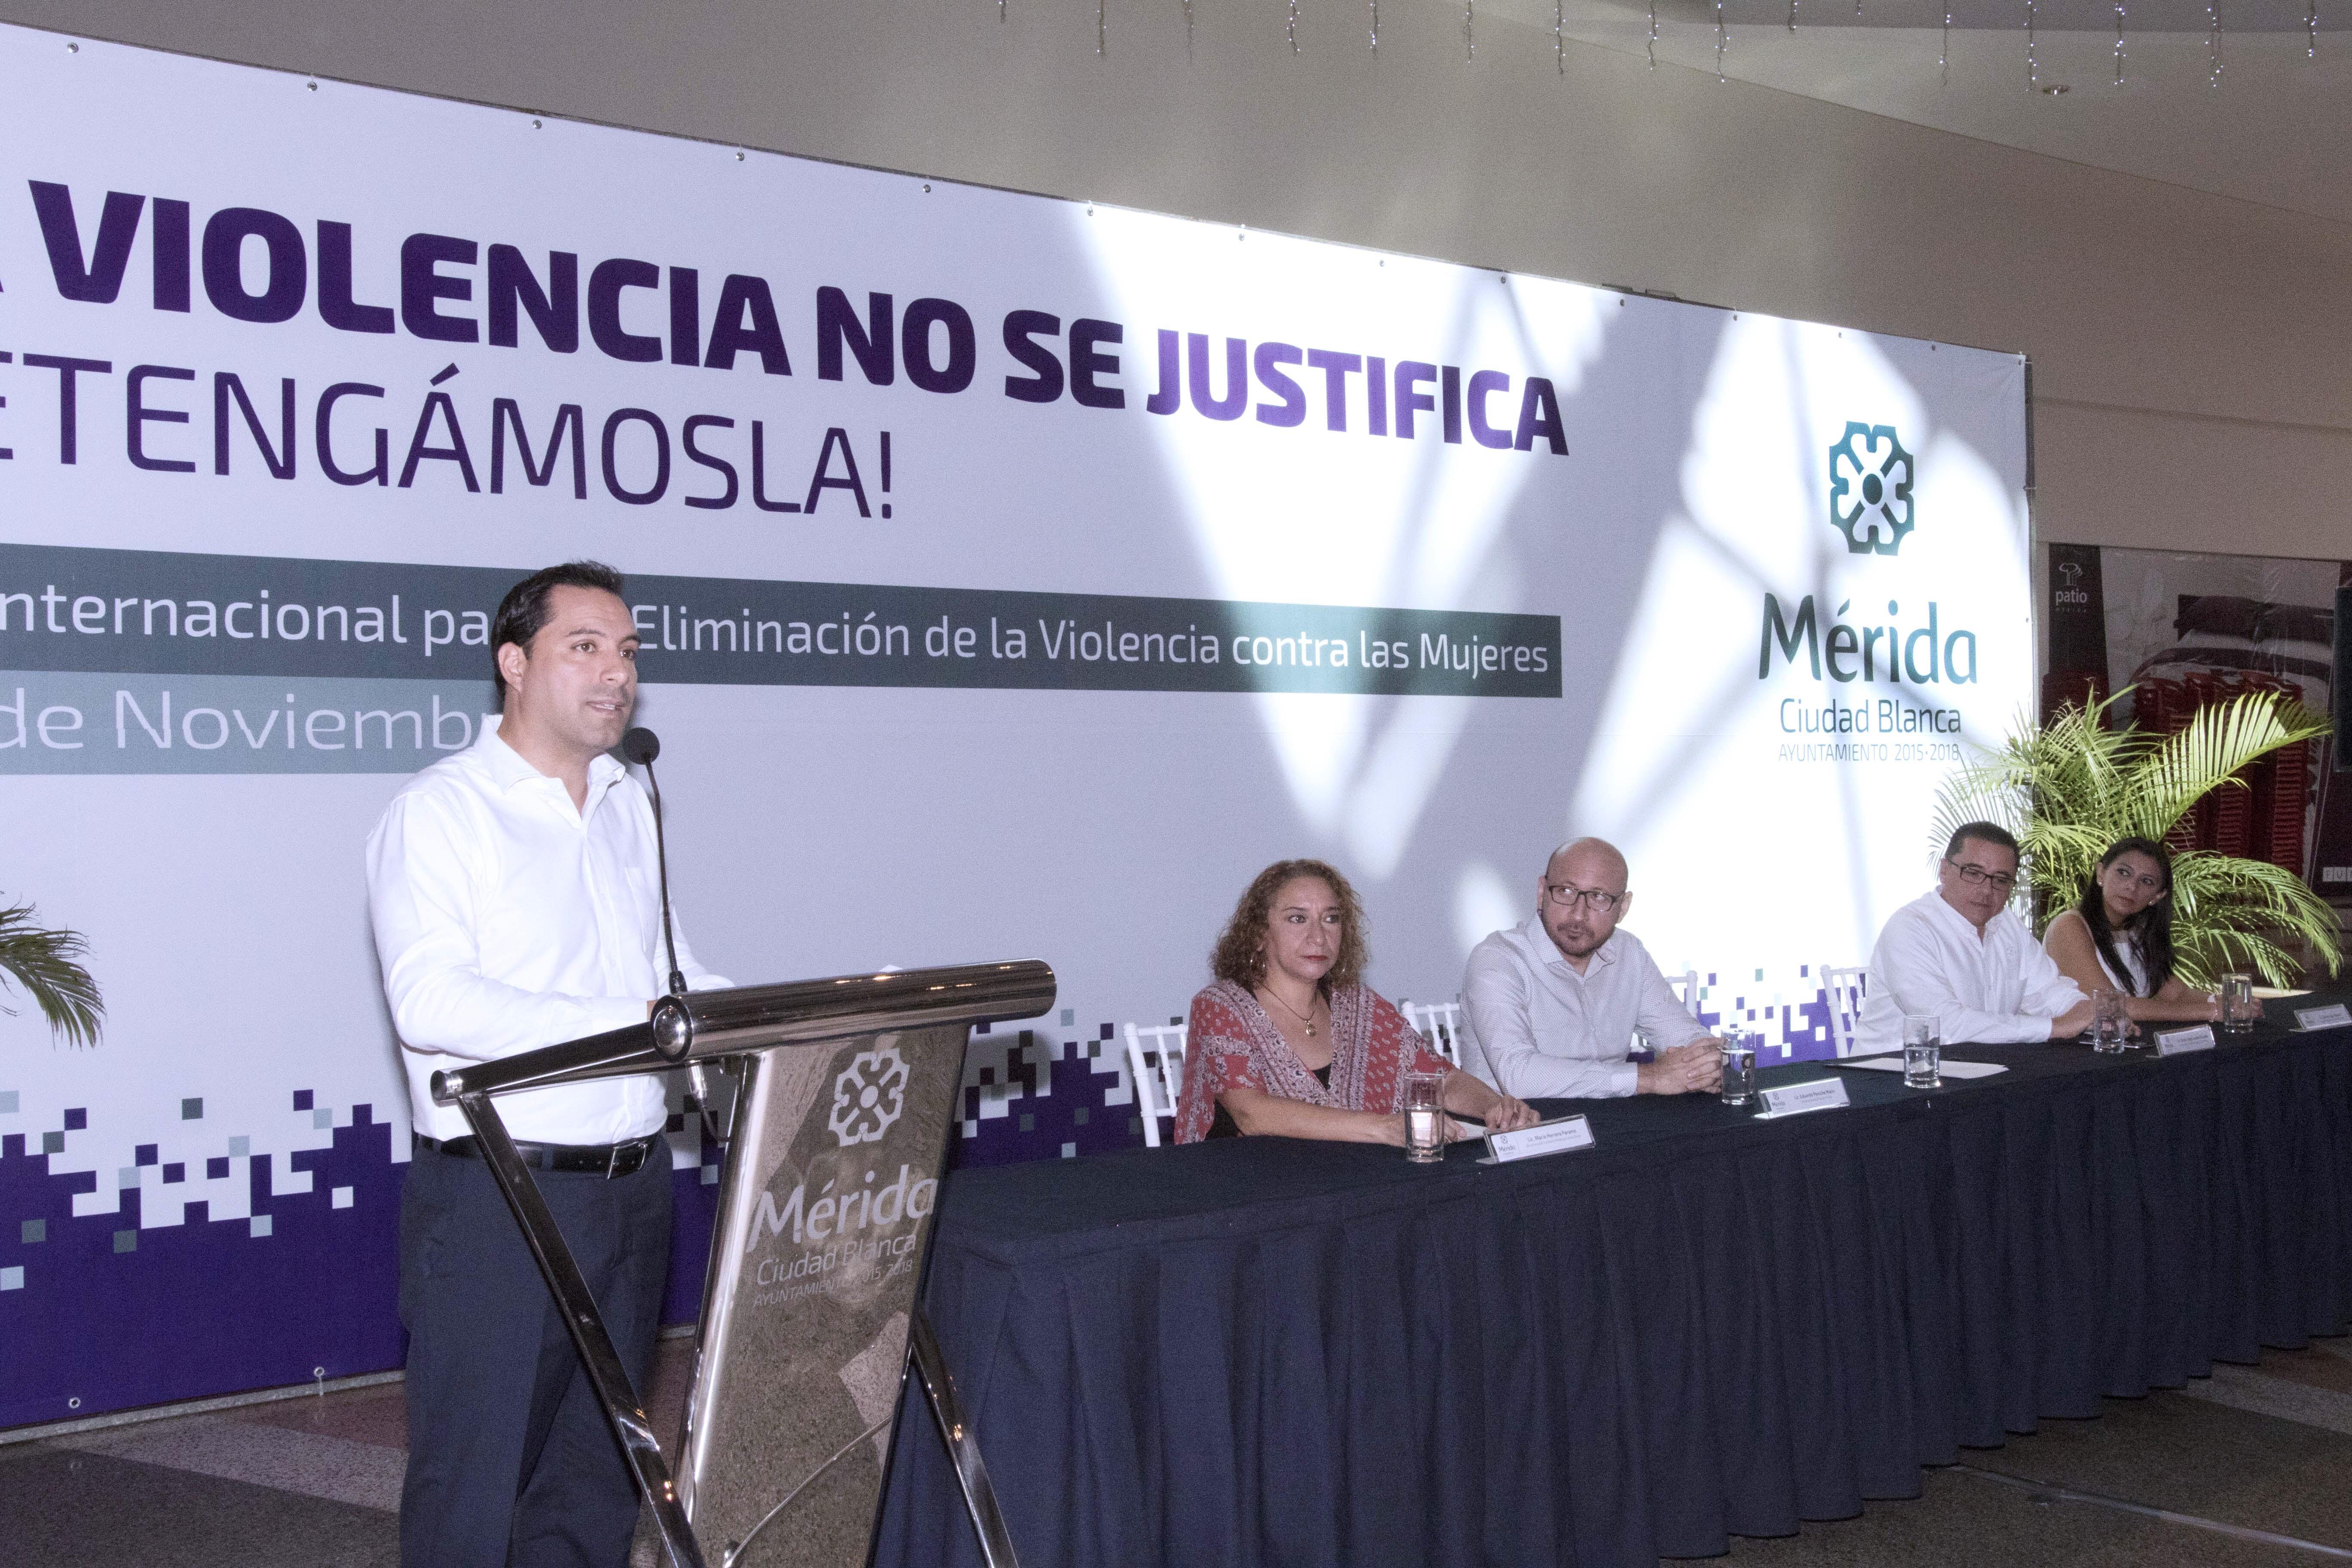 """Arranque de campaña """"La Violencia No Se Justifica ¡Detengámosla!"""""""